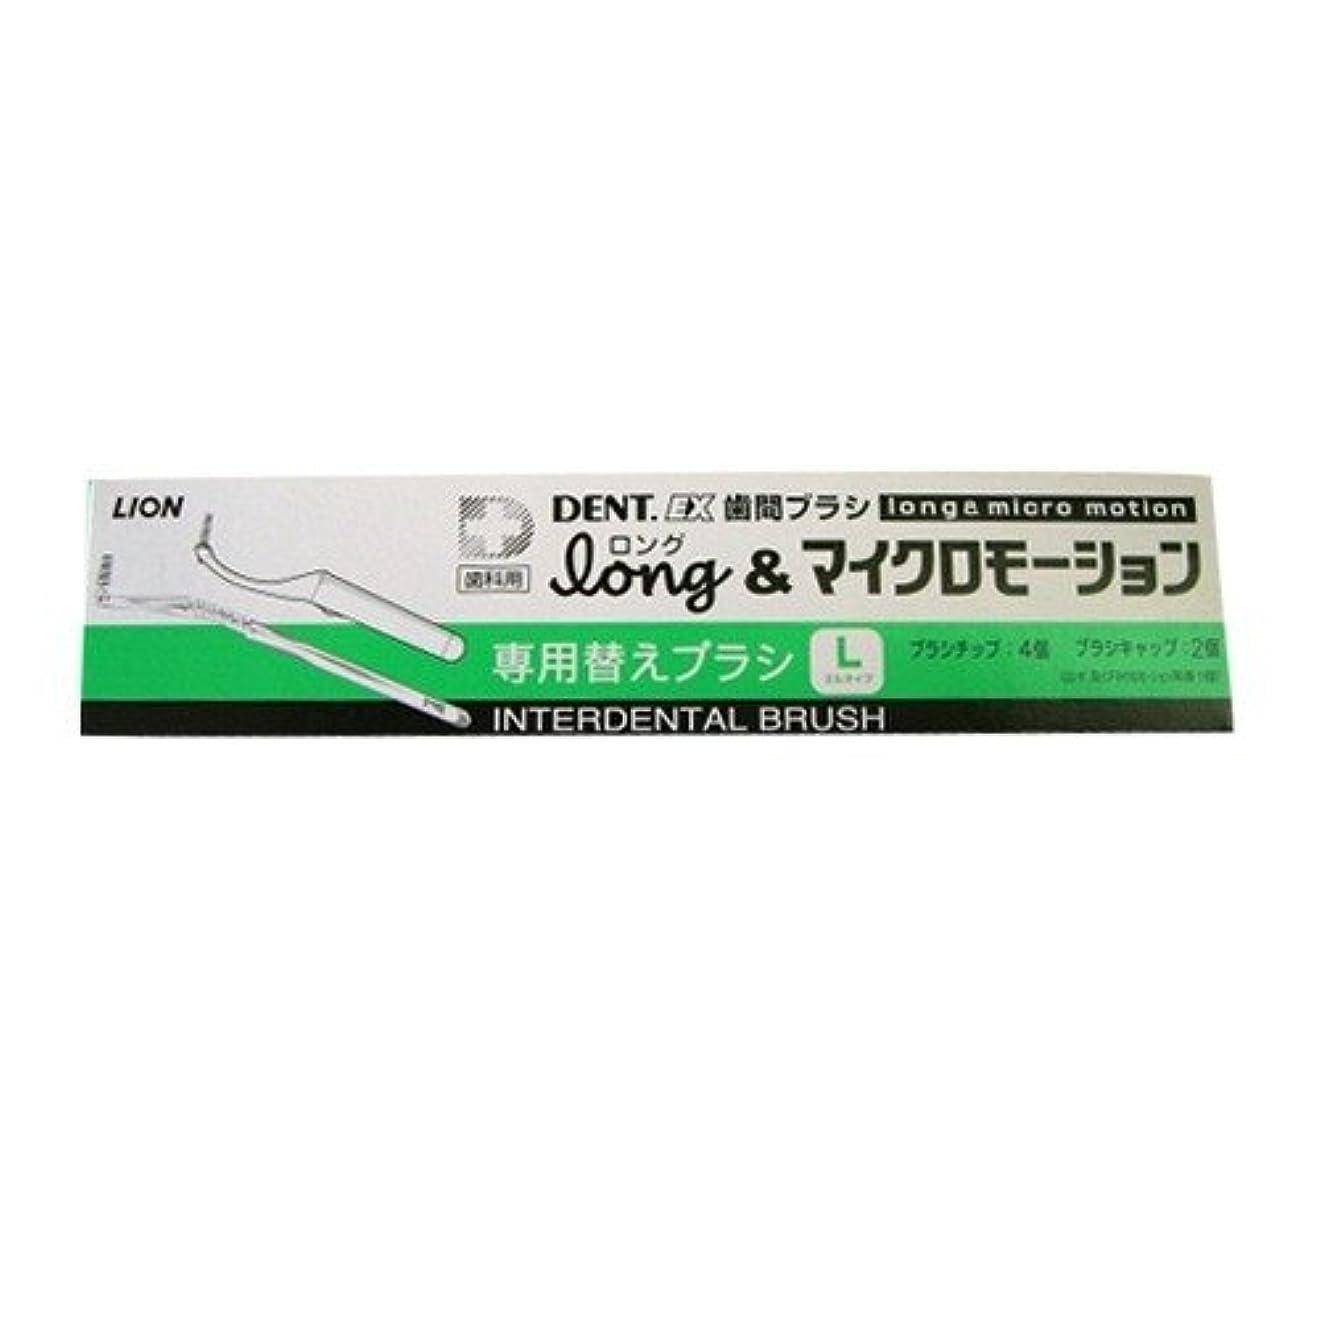 ディーラー国軽食ライオン DENT.EX 歯間ブラシ ロング&マイクロモーション 専用替えブラシ L